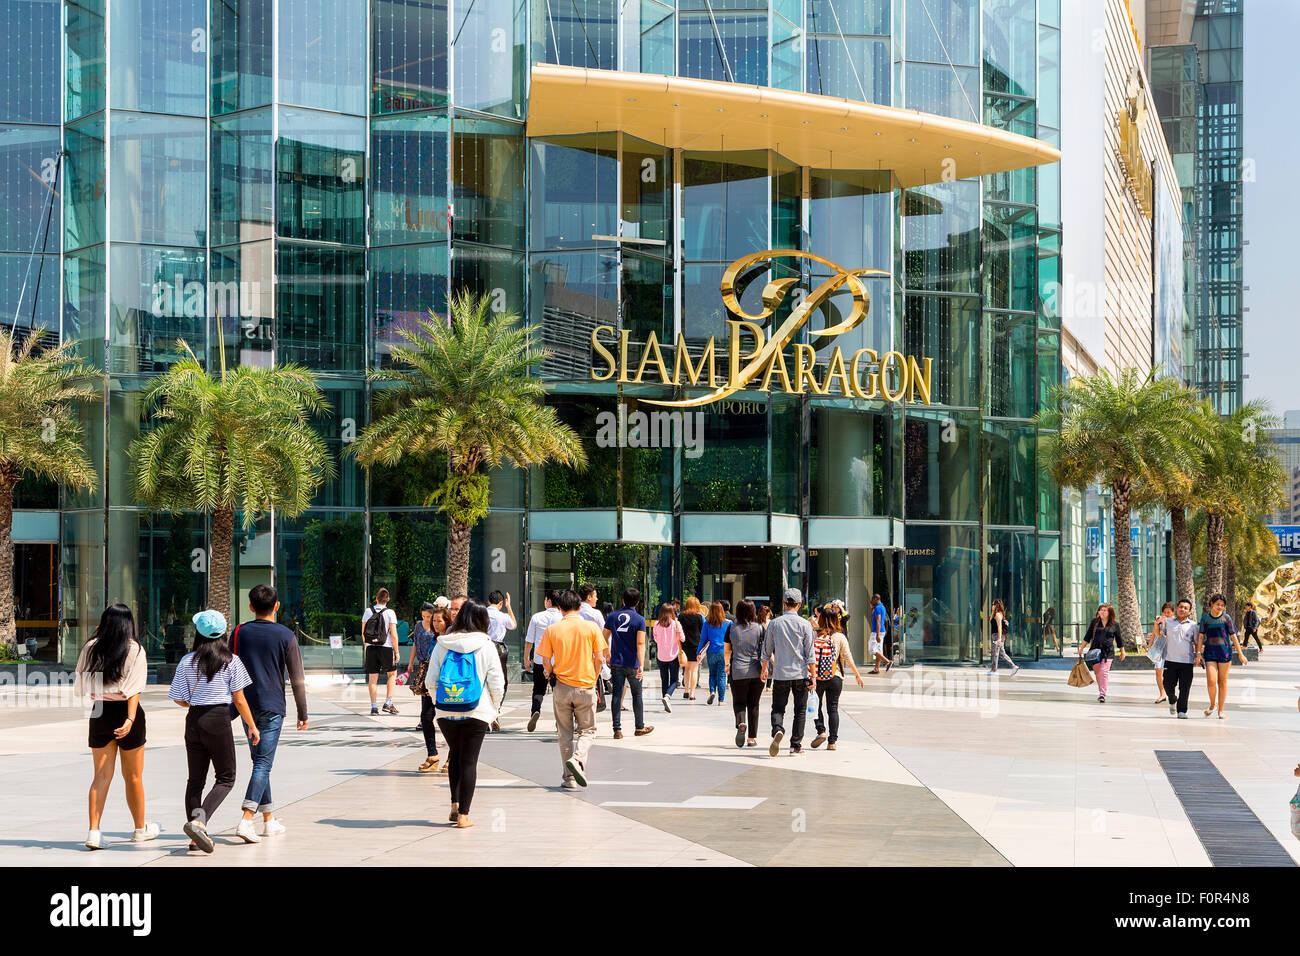 Thailand, Bangkok, Siam Paragon shopping mall - Stock Image